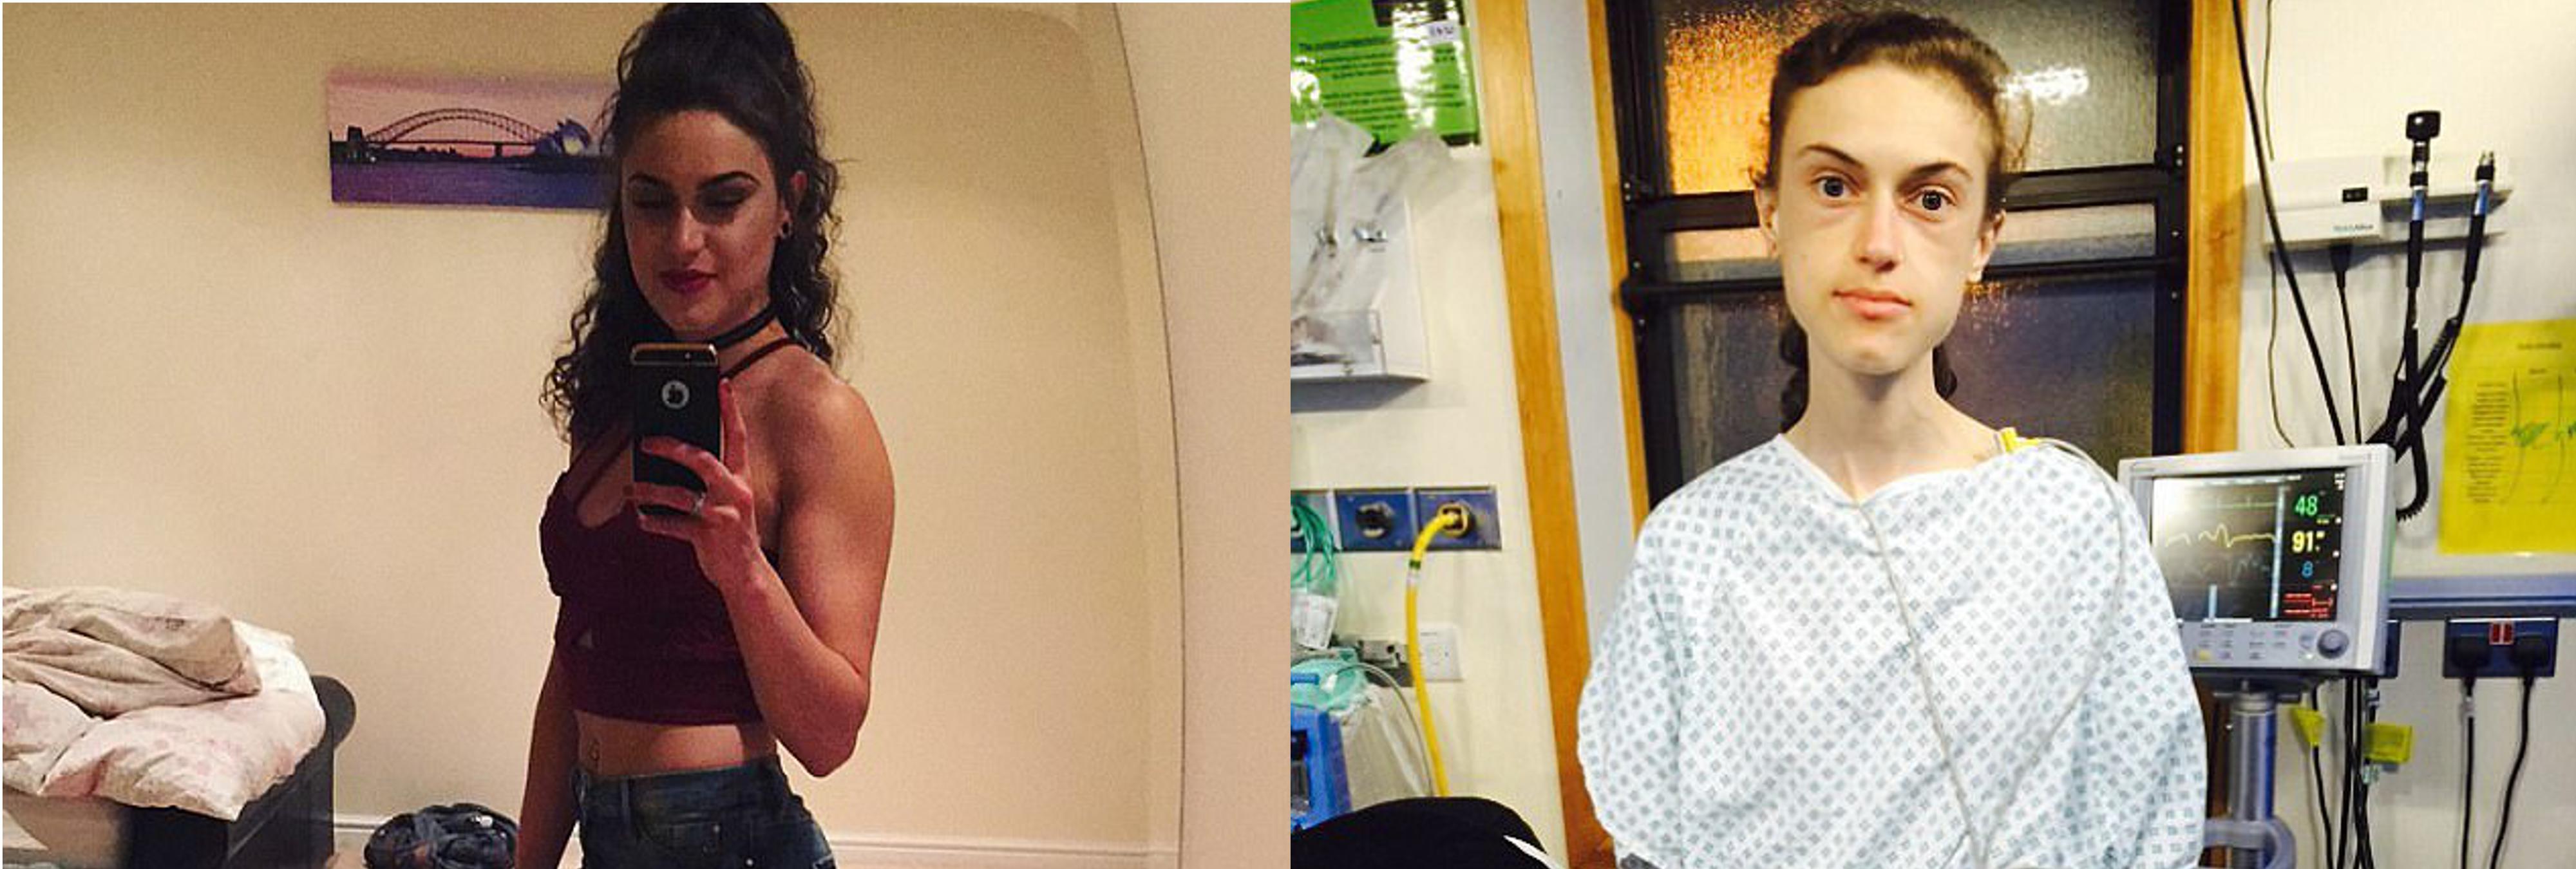 Una chica con anorexia superó su enfermedad gracias a Instagram